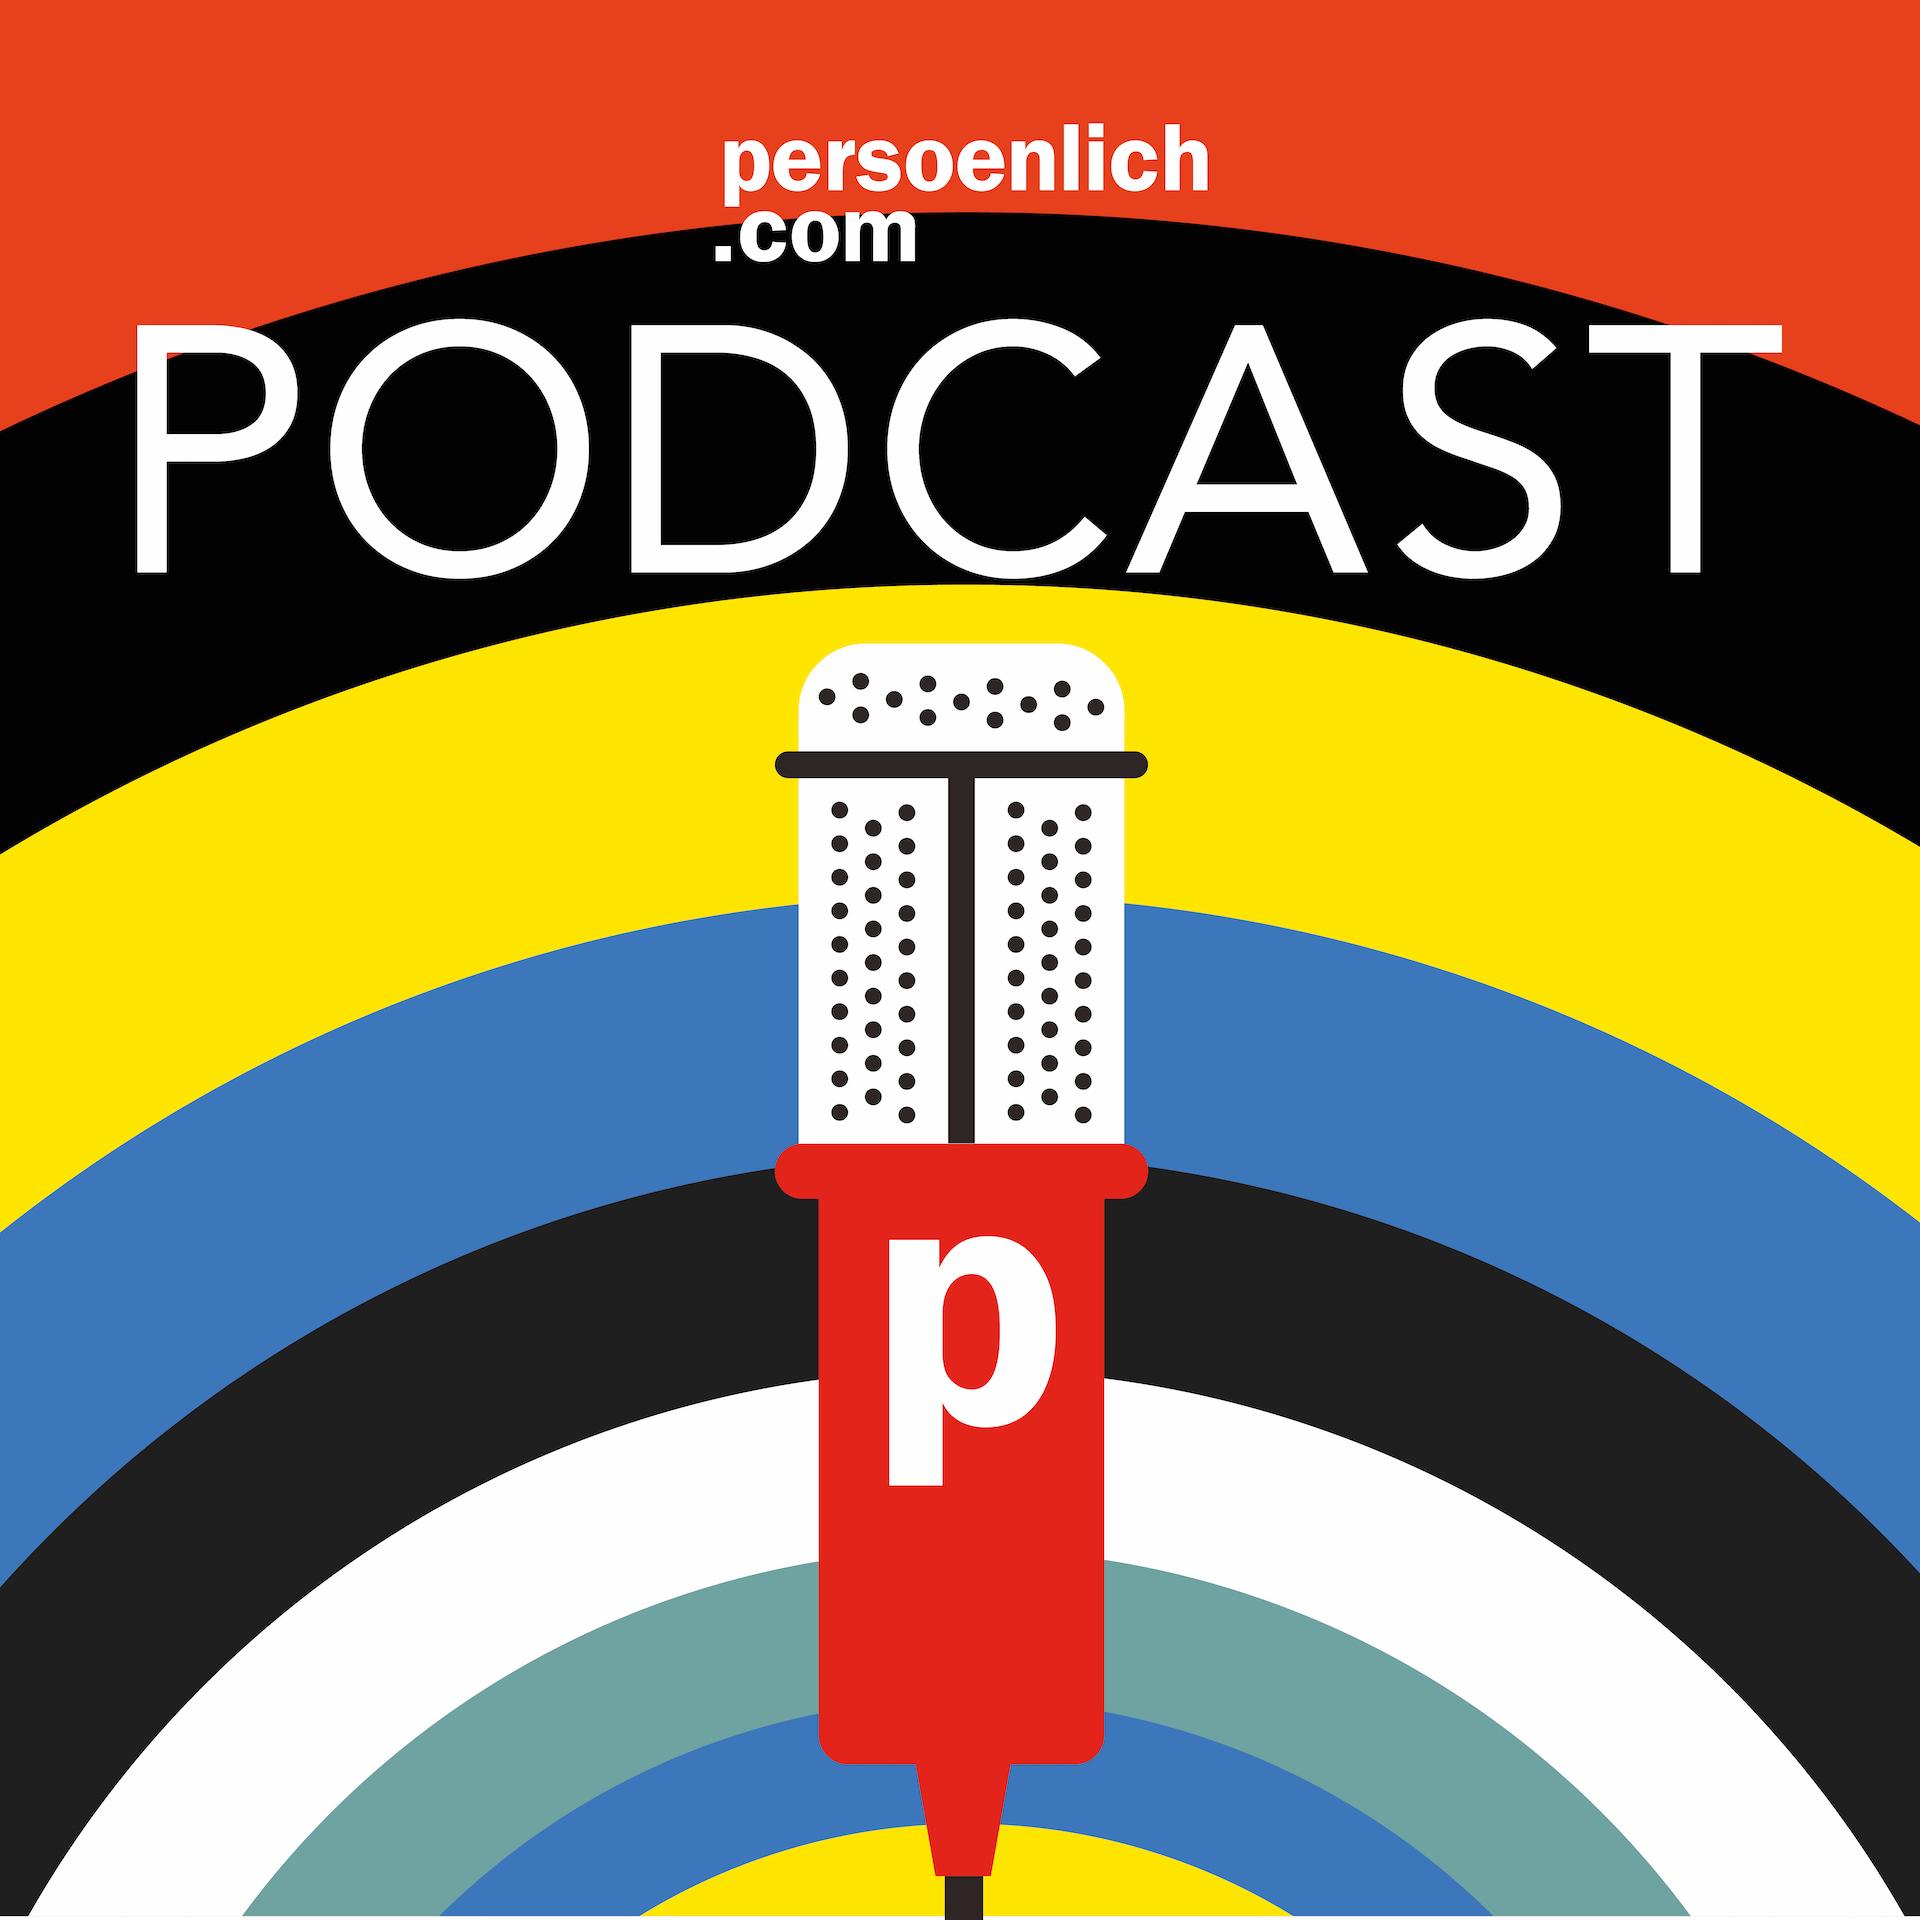 podcastlogo2_1